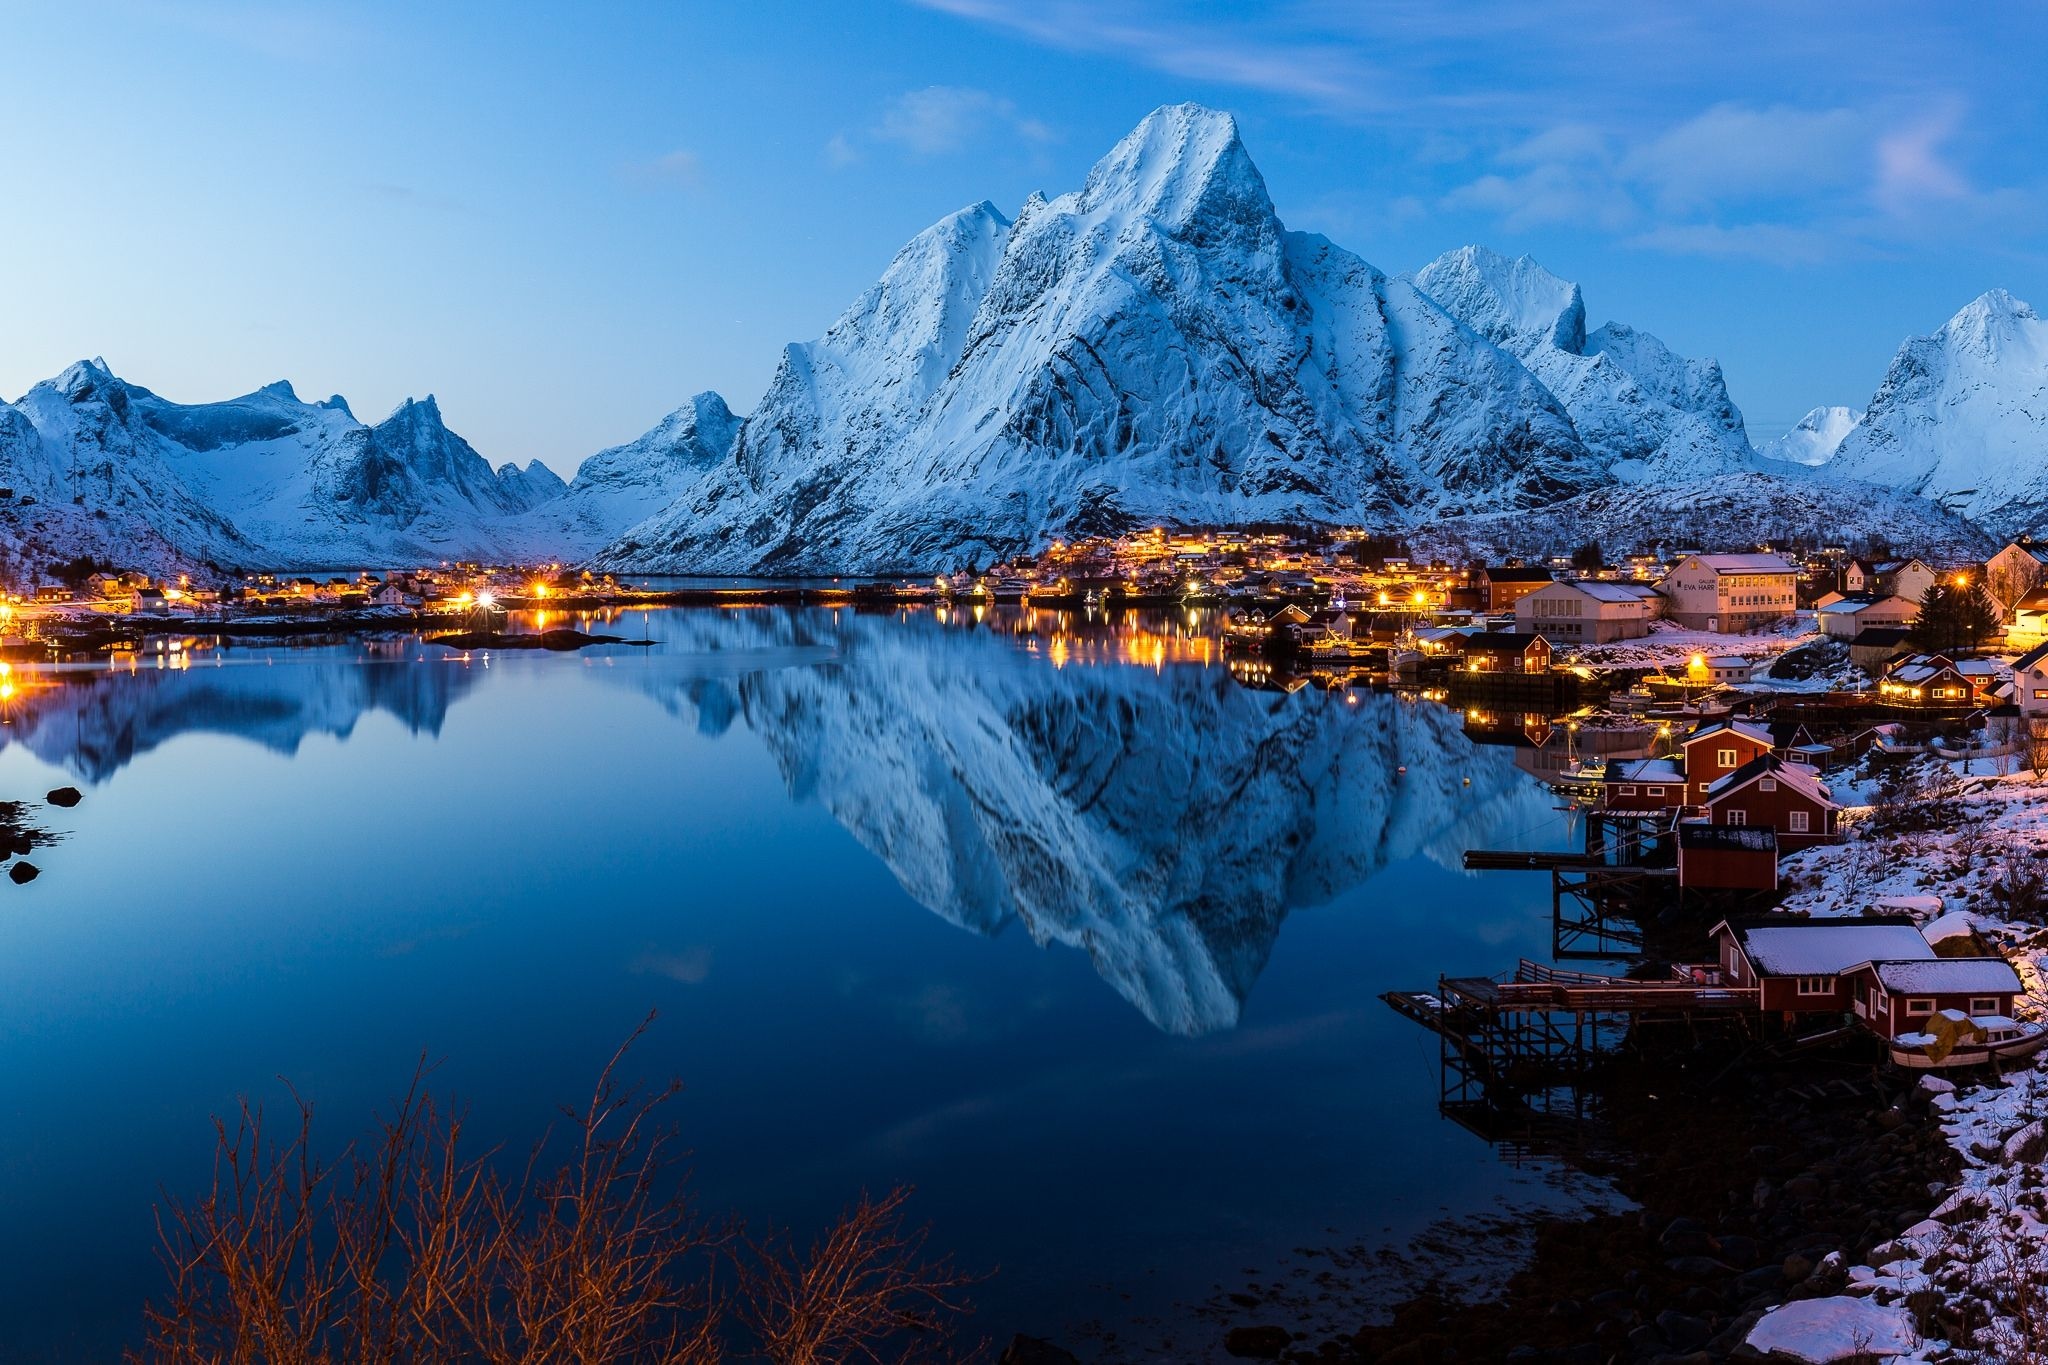 этом обзоре лофотенские острова зимой фото сочетание красоты